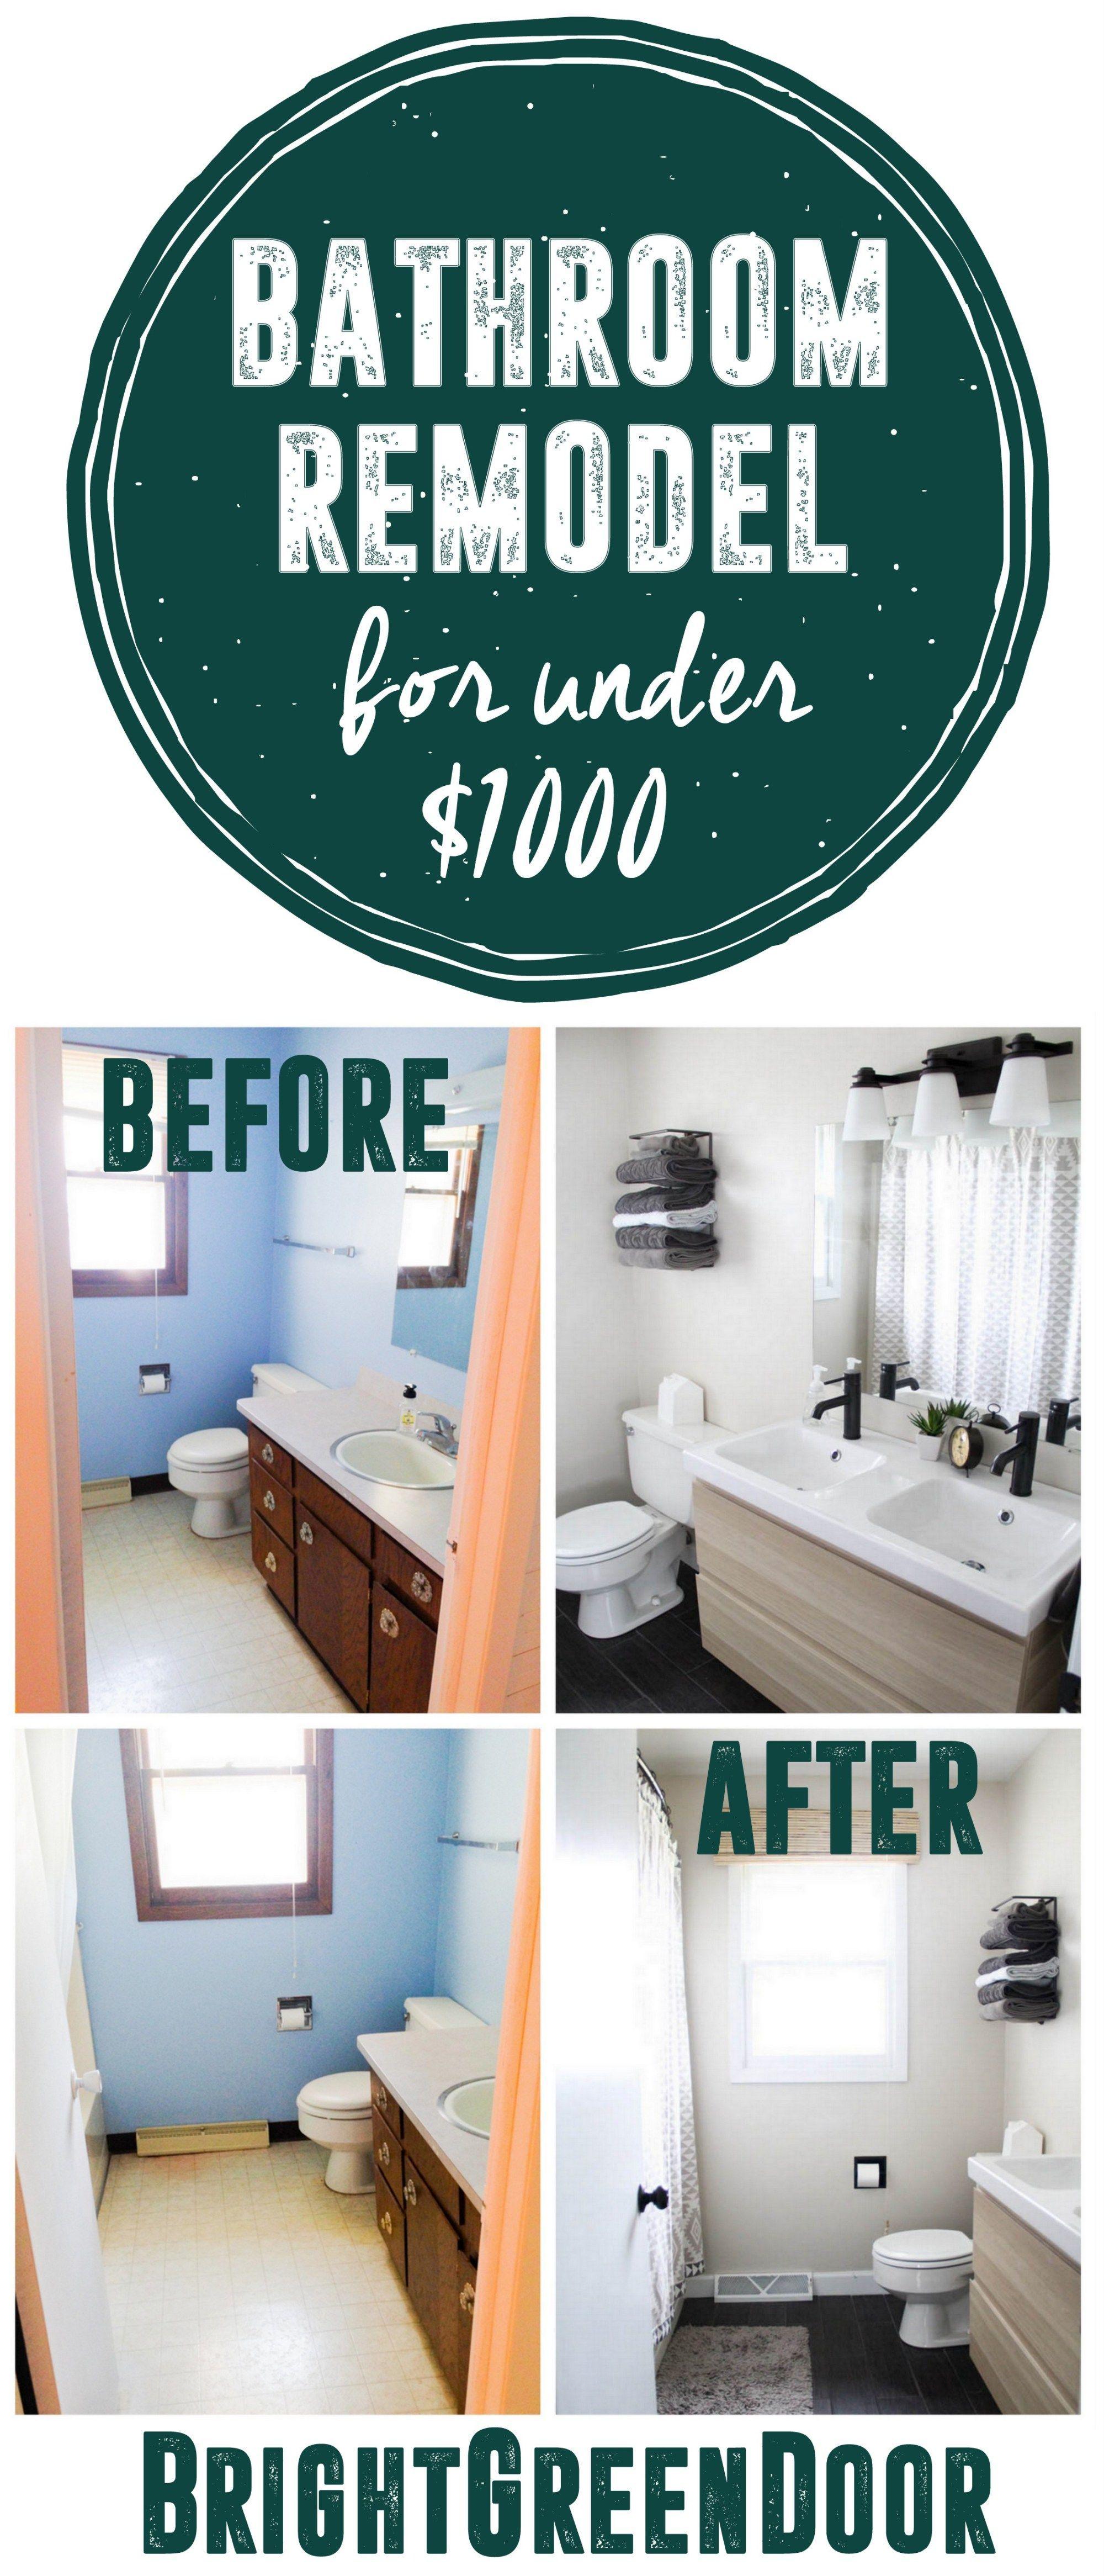 Affordable Modern Bathroom Reveal images